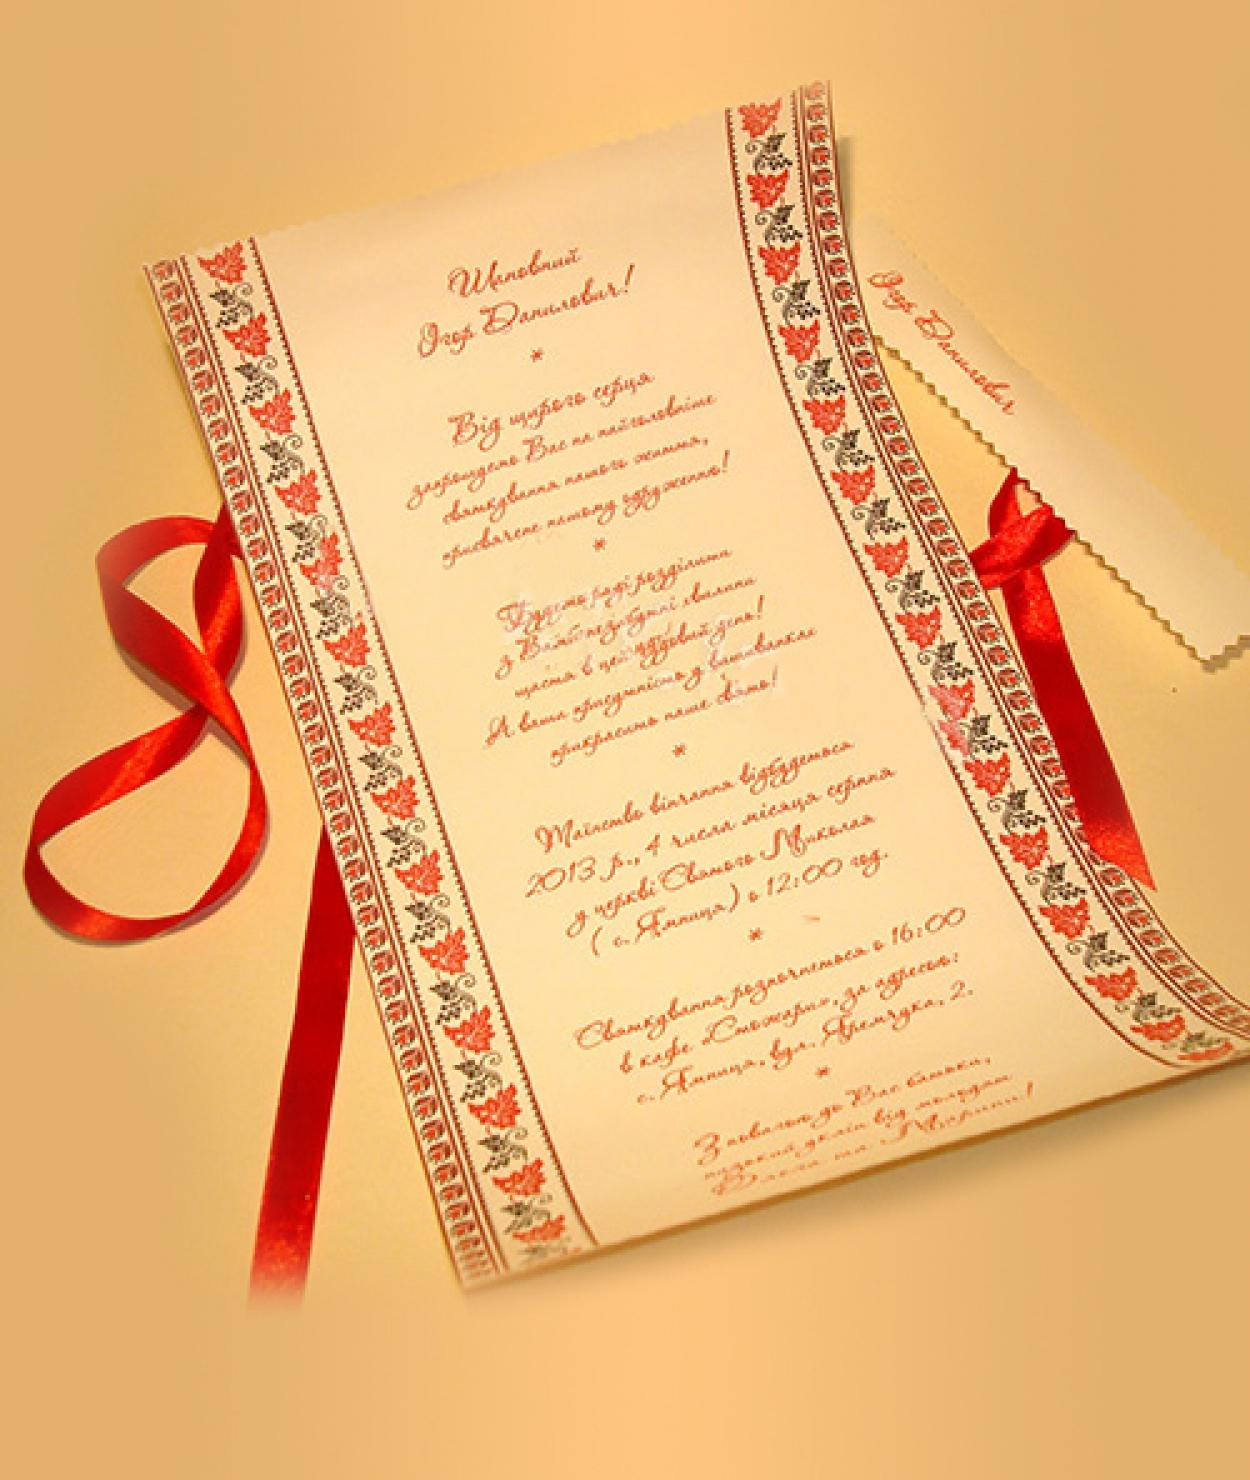 Удмуртские поздравления для свадьбы